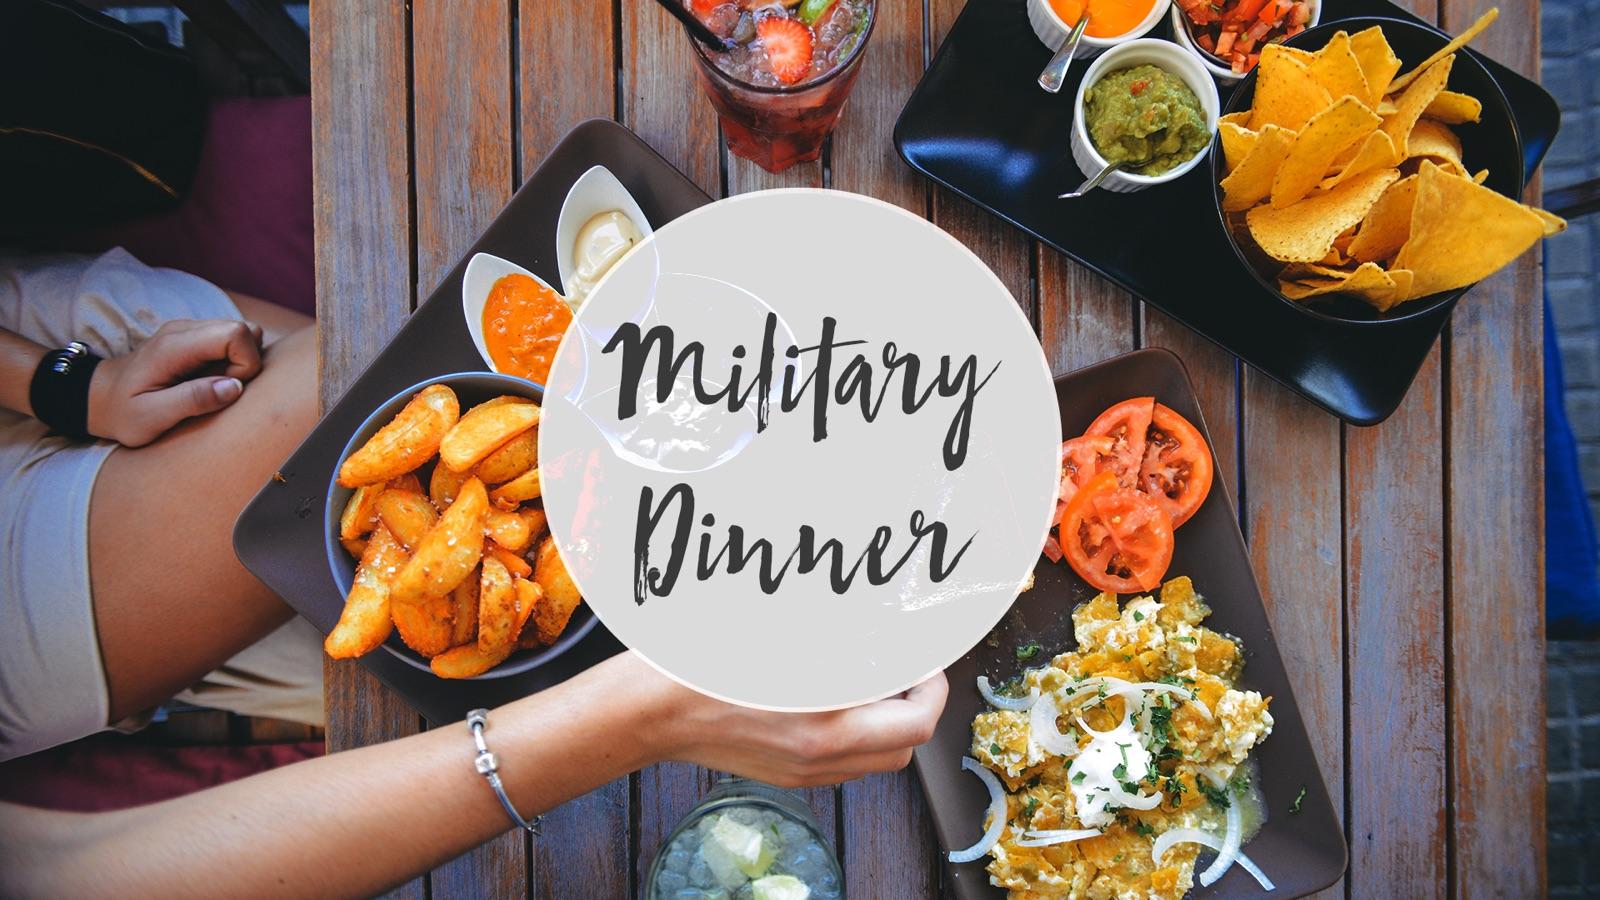 Military Family Dinner logo